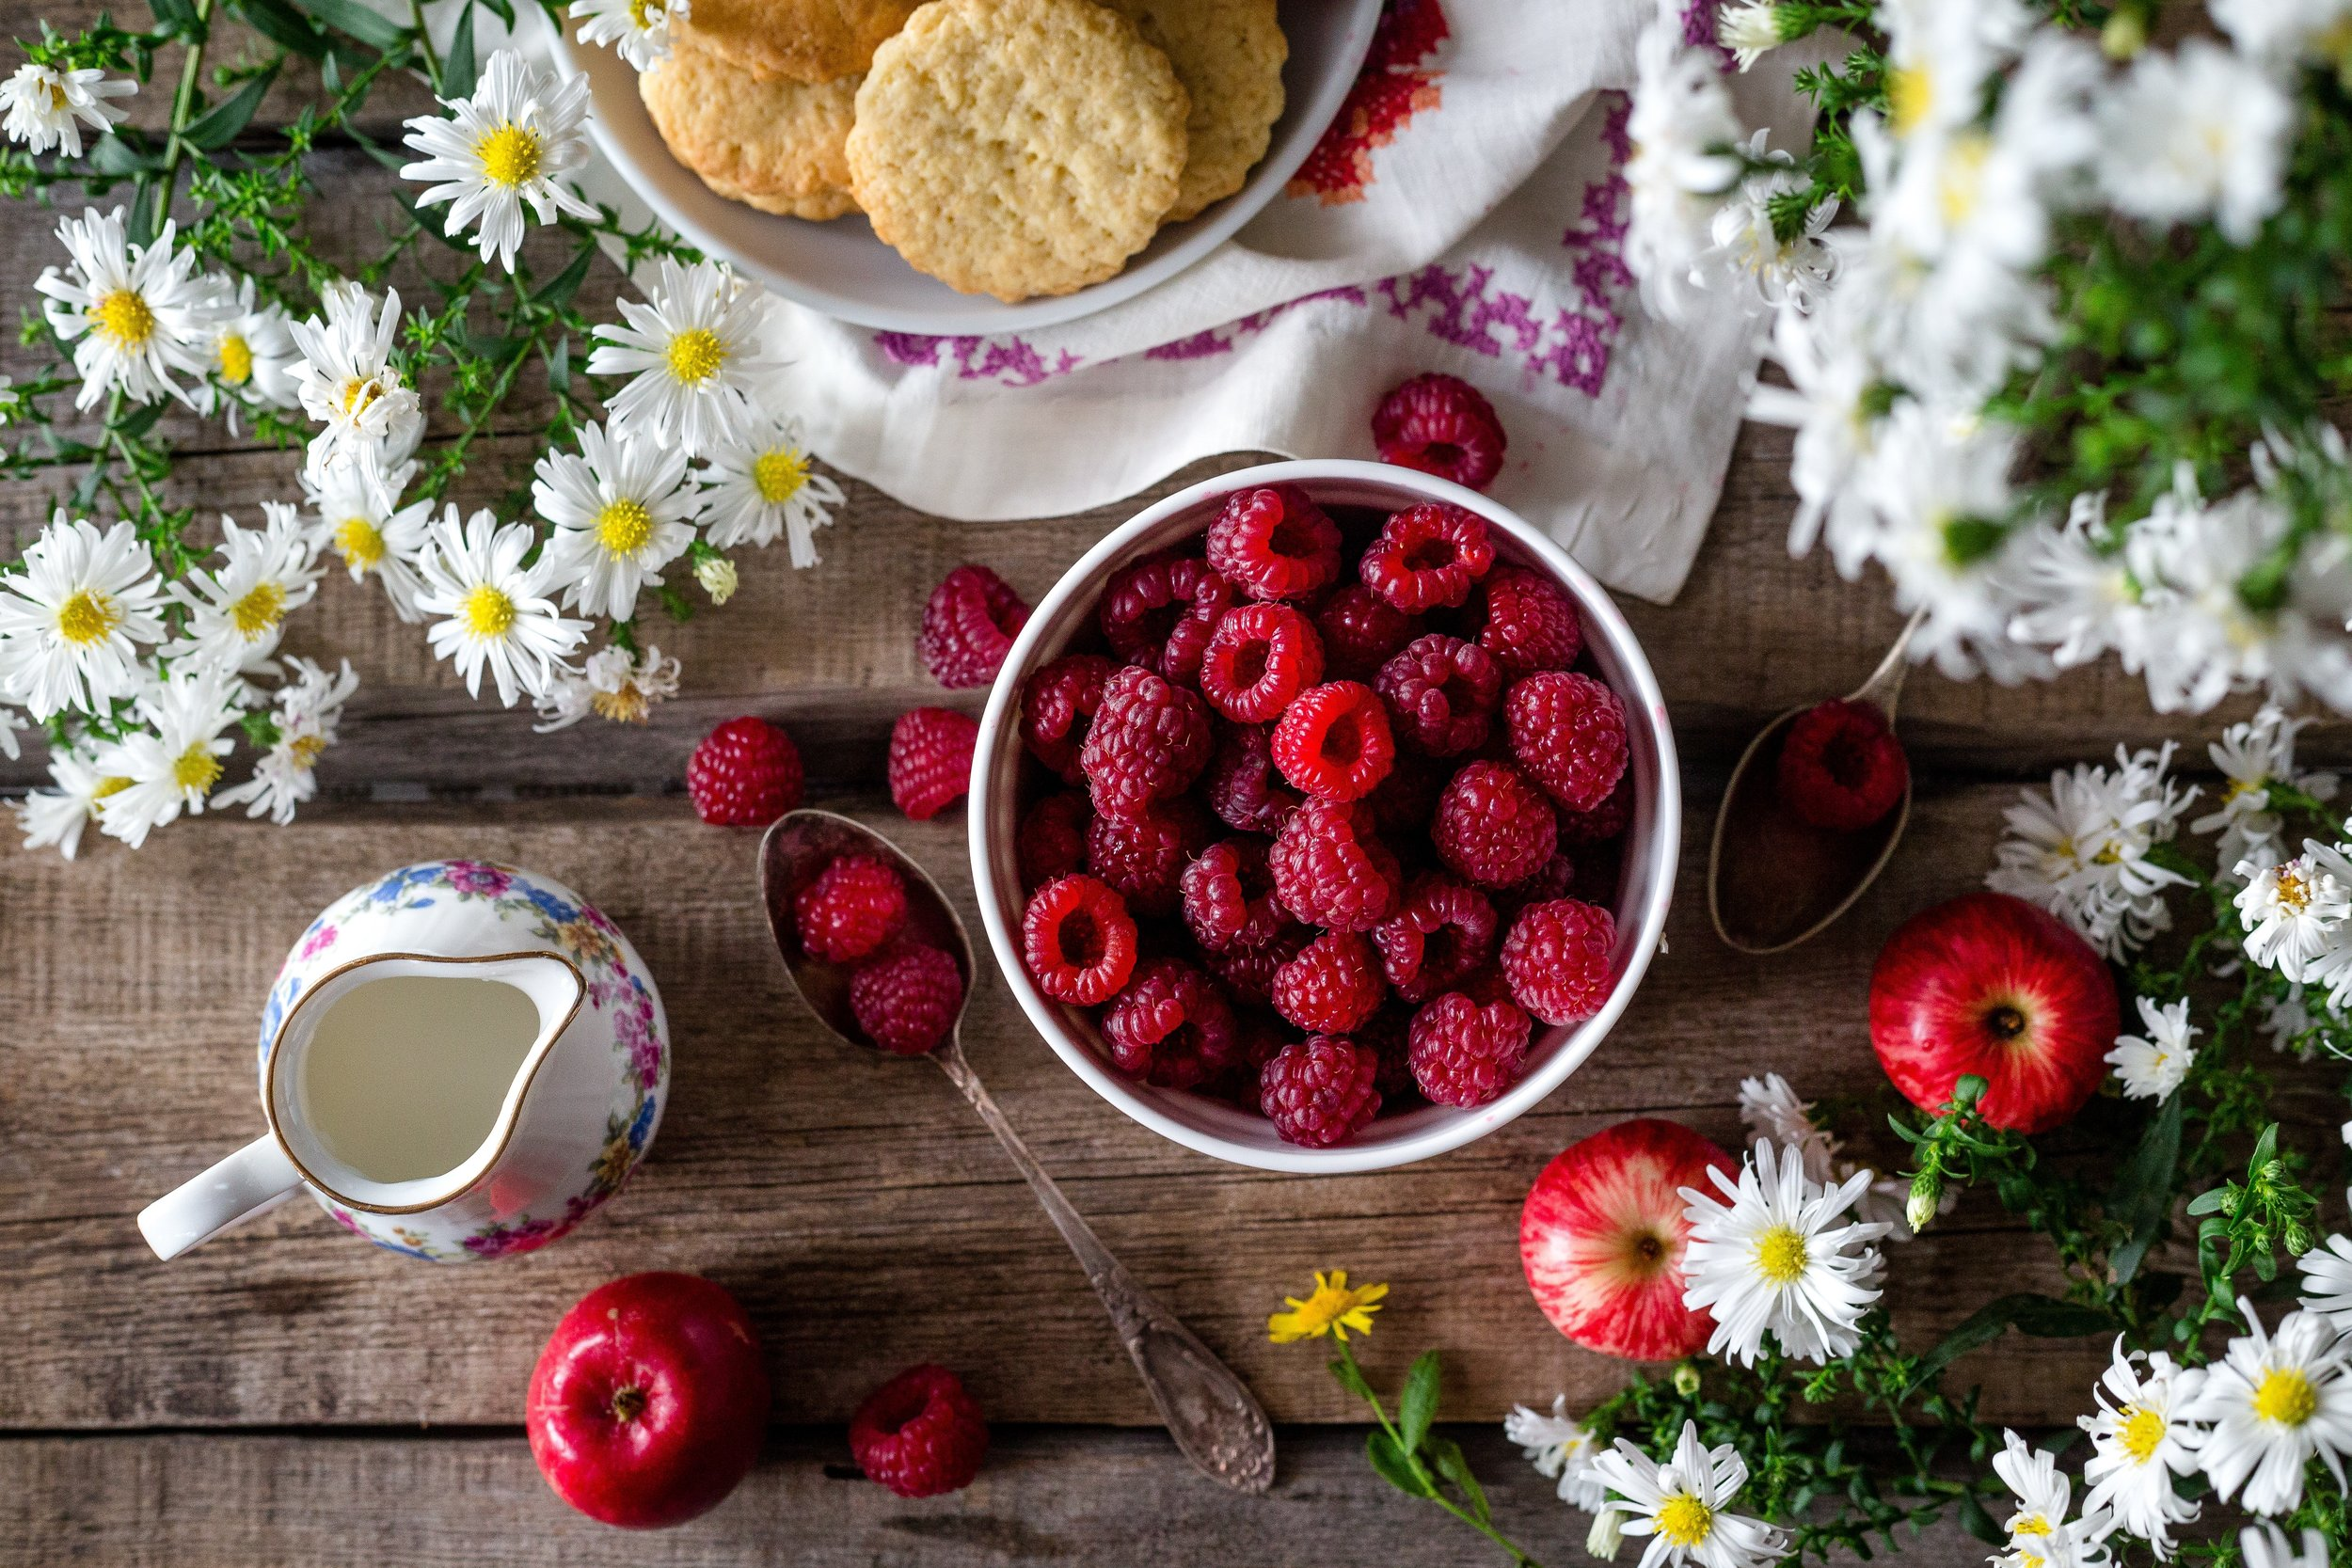 appetizer-apples-berries-314780.jpg